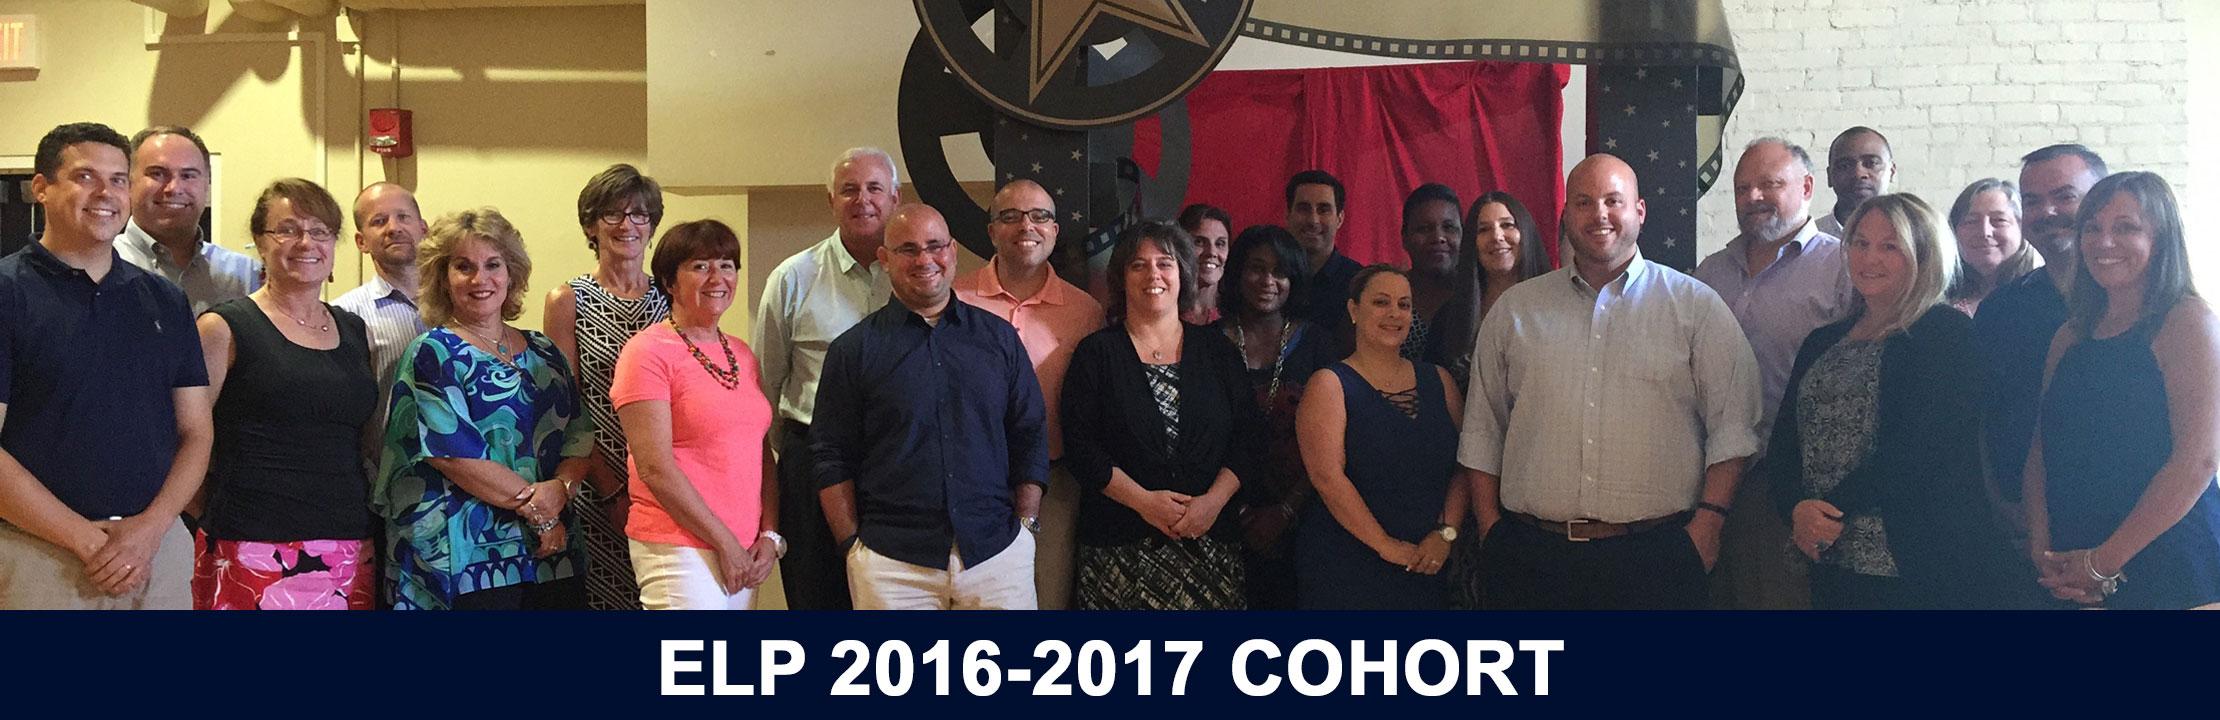 2016-2017 ELP Cohort